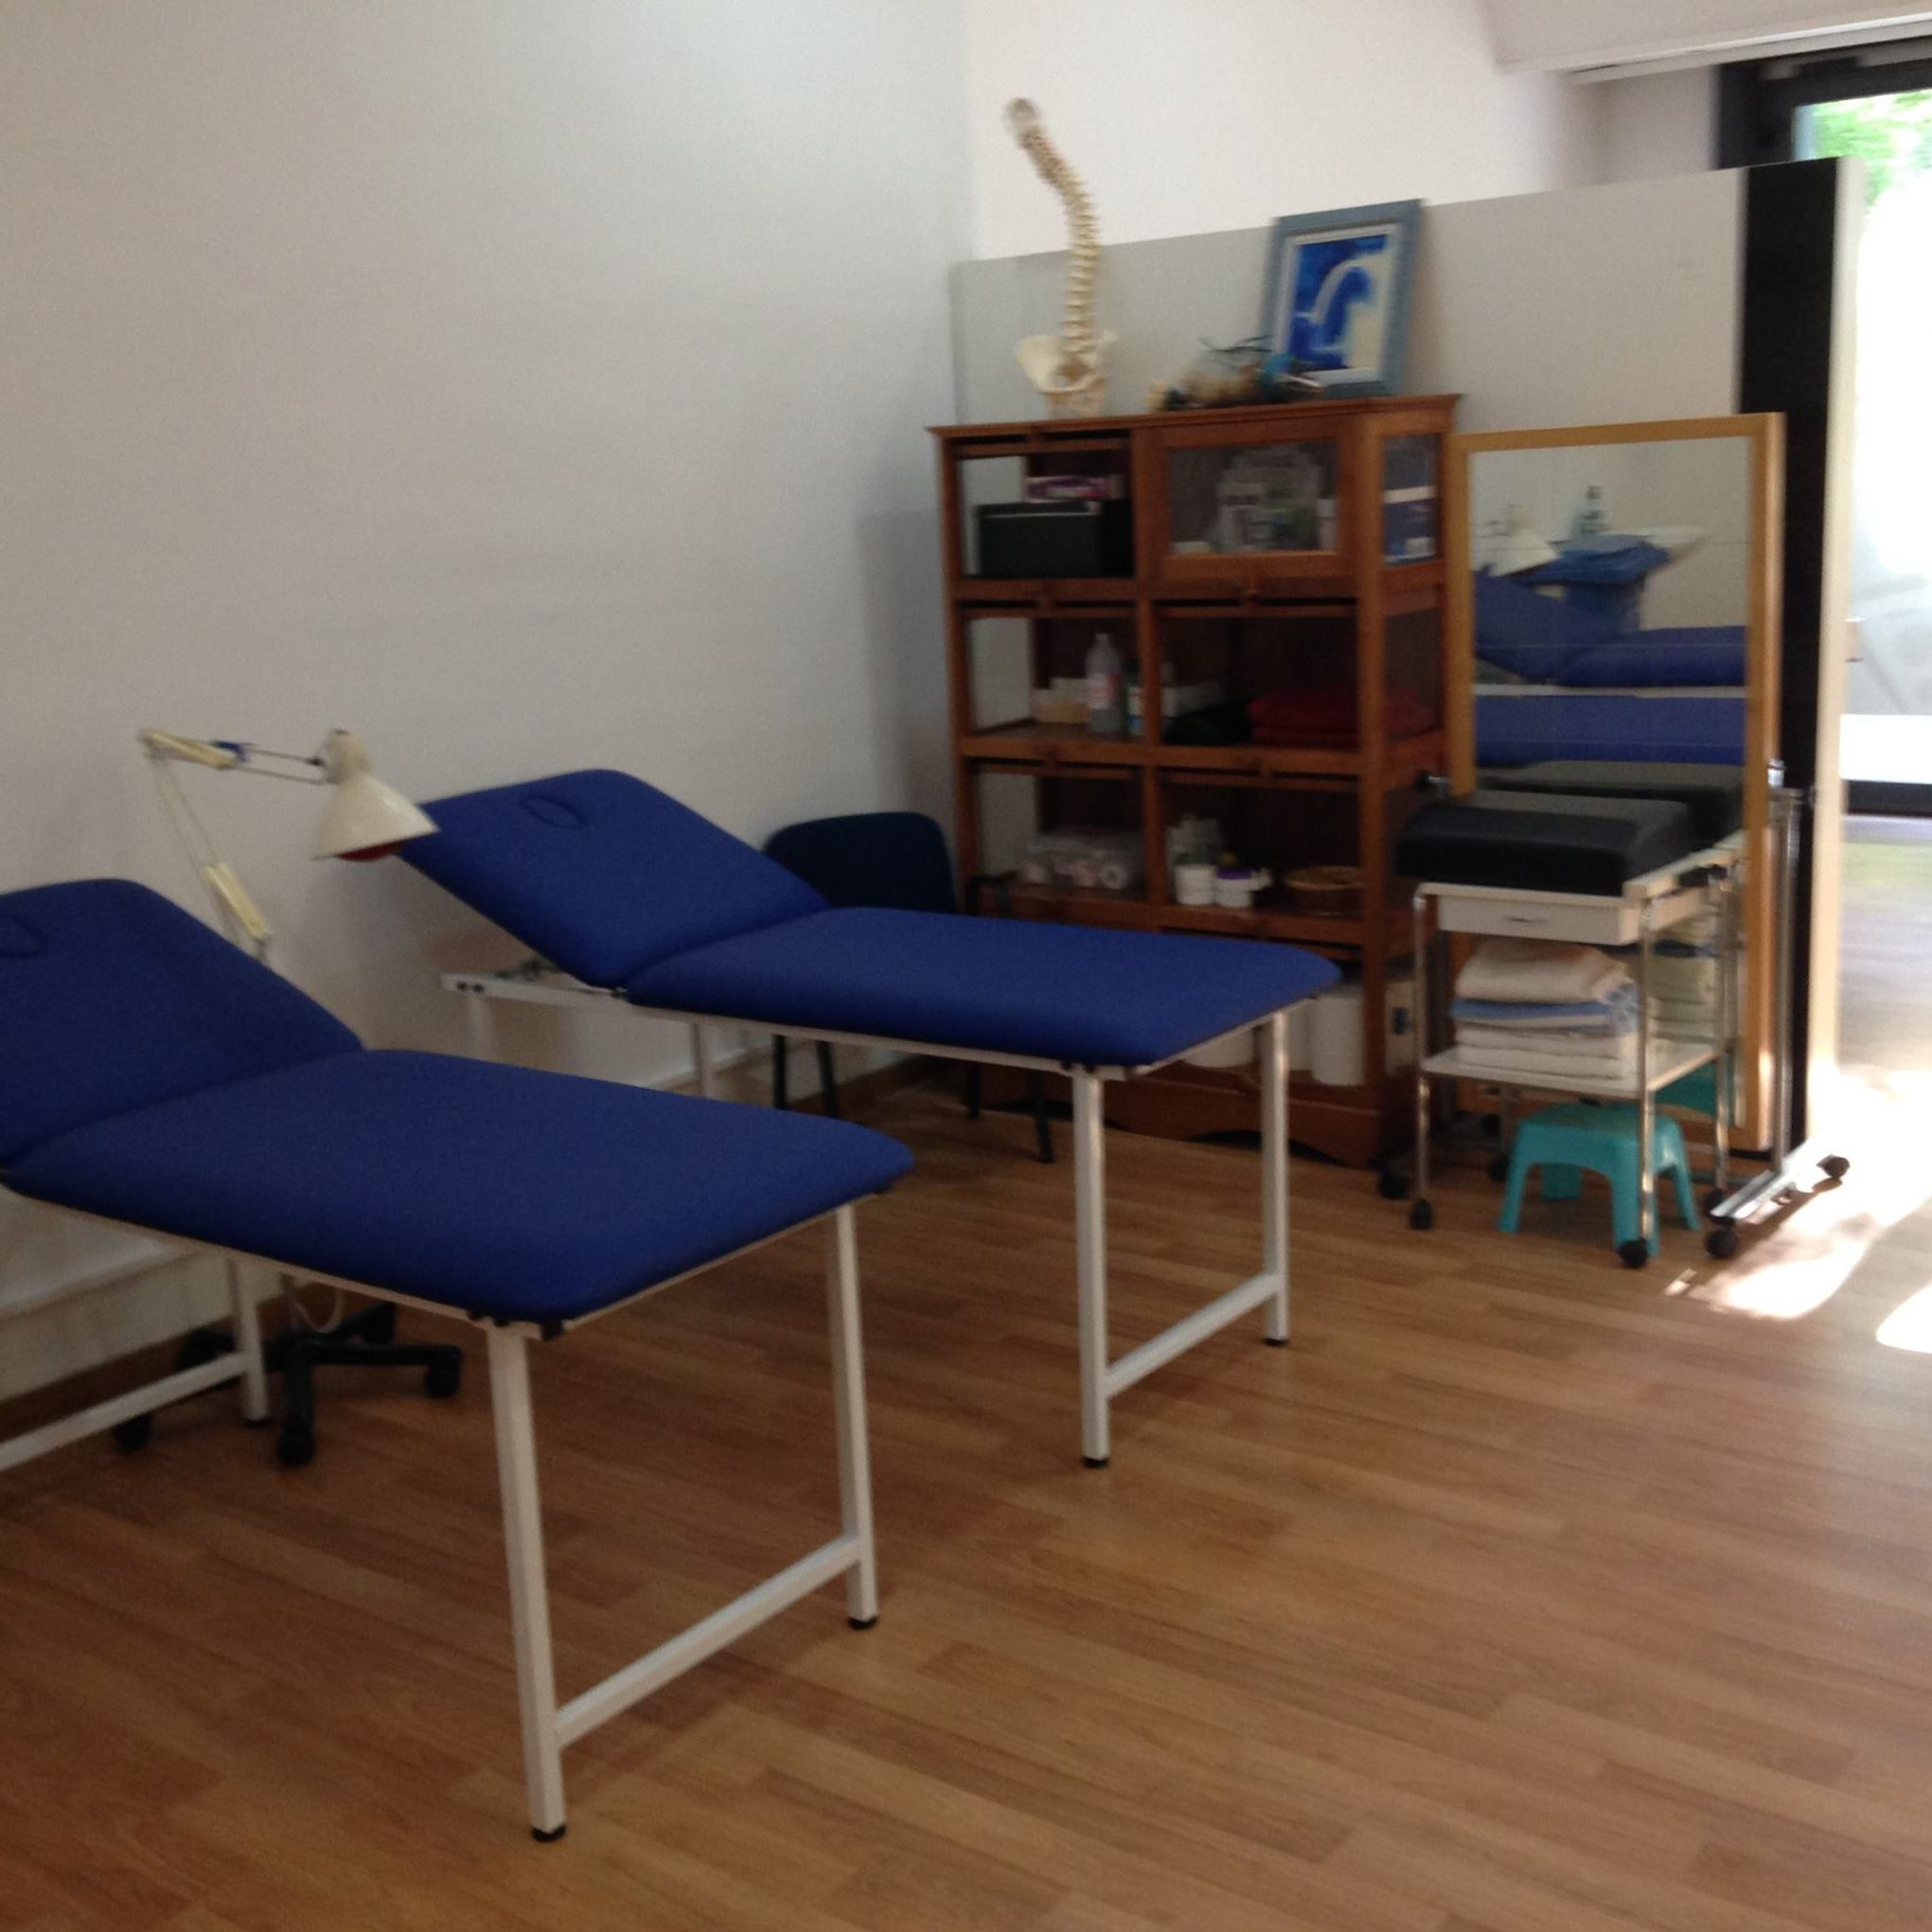 Foto 4 de Fisioterapia en Mollet del Vallès | Fisiomollet